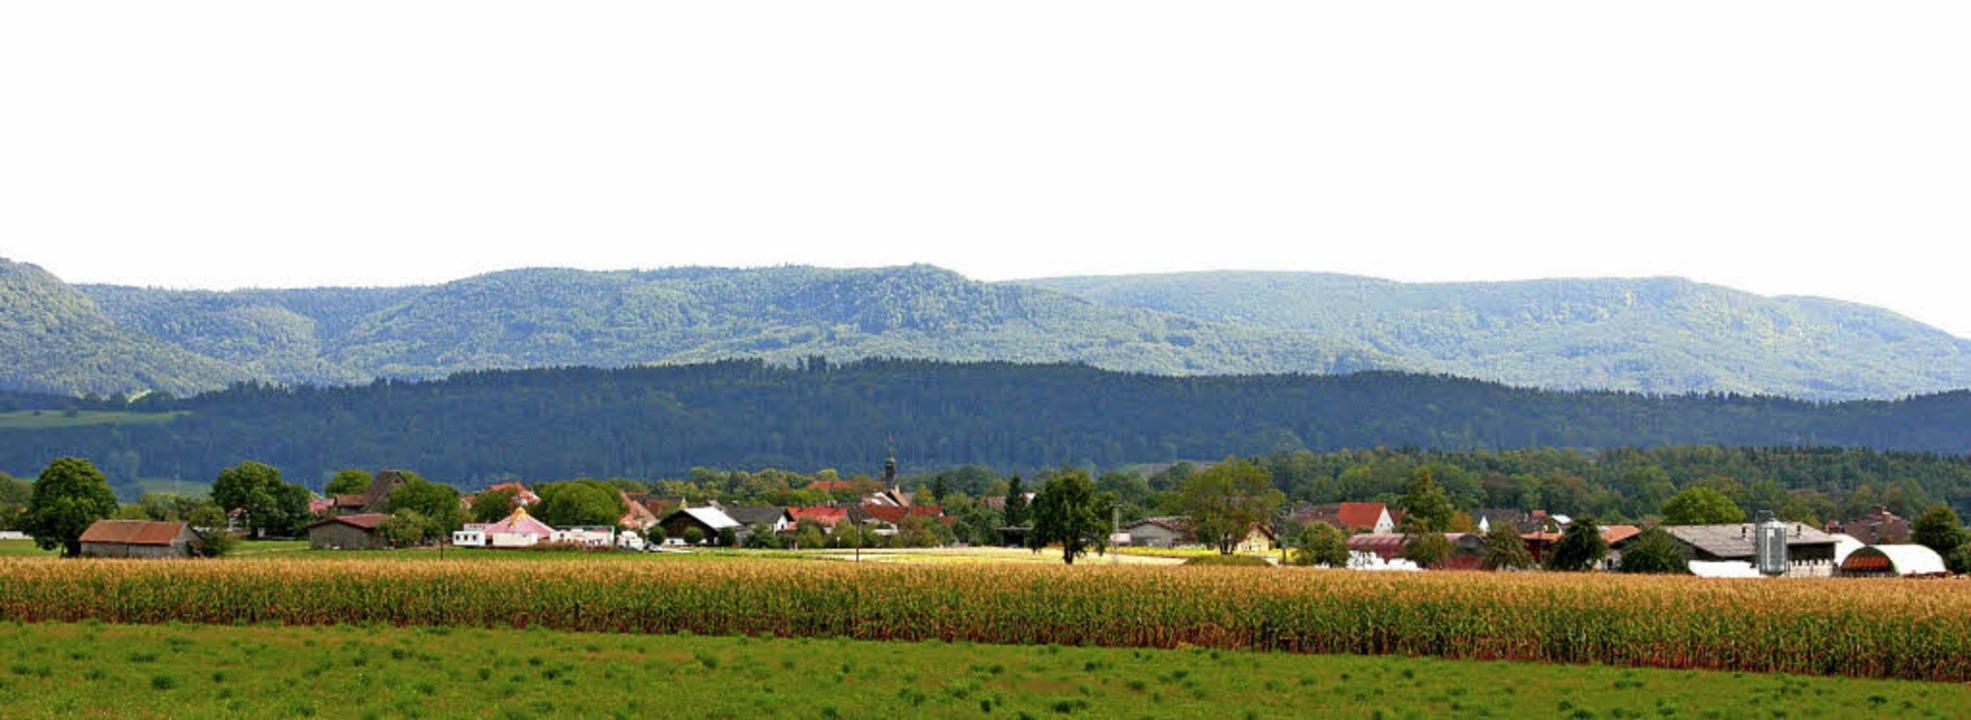 Blumegg liegt wunderschön auf einer Anhöhe in herrlicher Landschaft.   | Foto: Johannes Renner